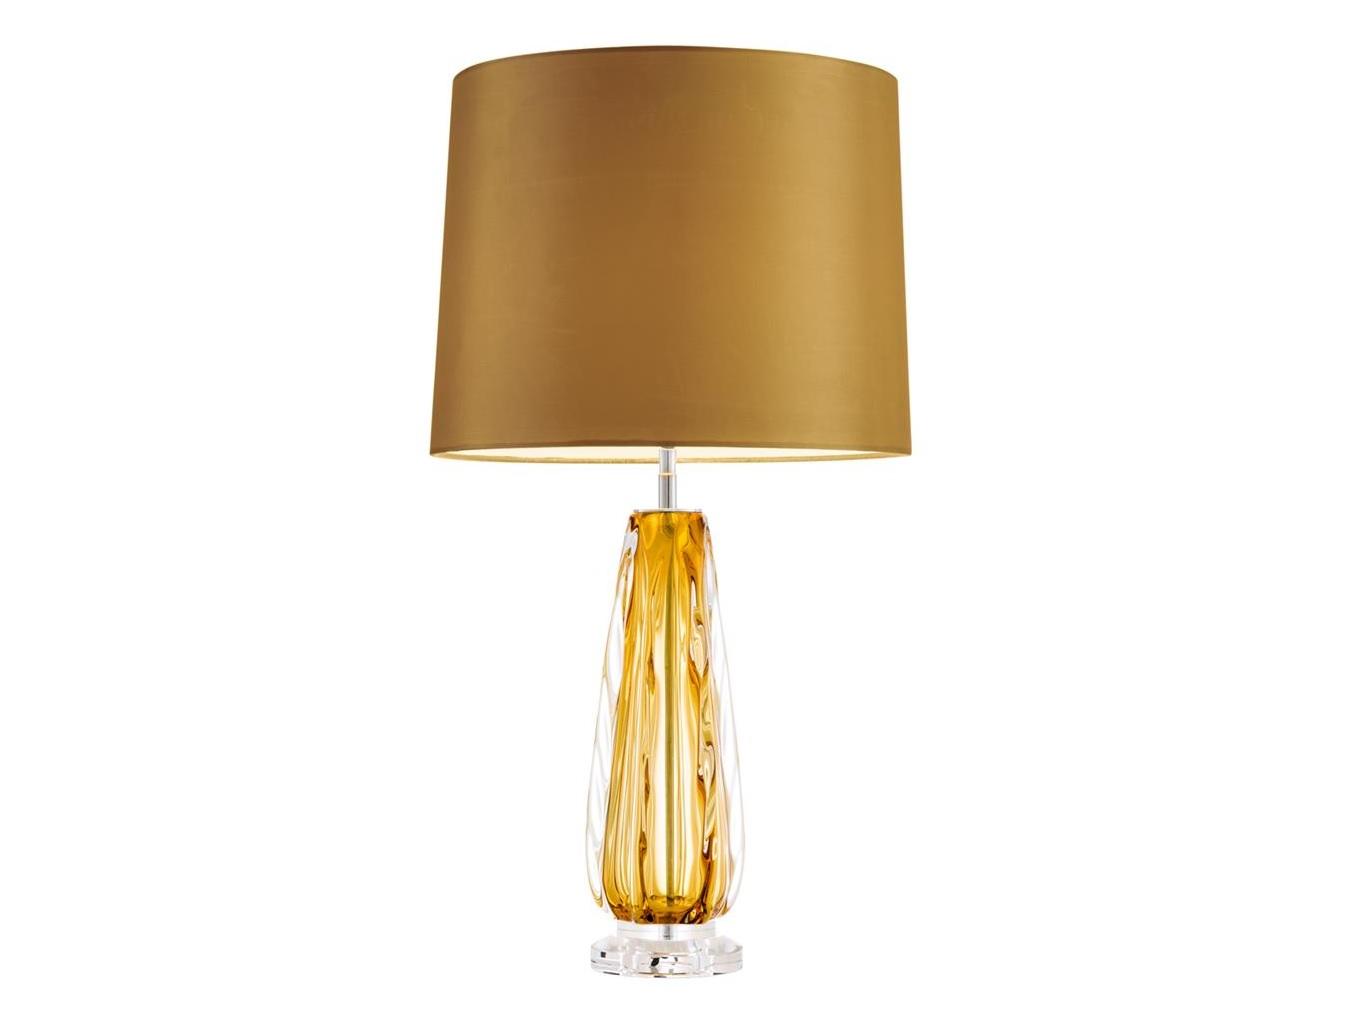 Настольная лампа Table Lamp FlatoДекоративные лампы<br>&amp;lt;div&amp;gt;Вид цоколя: E27&amp;lt;br&amp;gt;&amp;lt;/div&amp;gt;&amp;lt;div&amp;gt;&amp;lt;div&amp;gt;Мощность: 60W&amp;lt;/div&amp;gt;&amp;lt;div&amp;gt;Количество ламп: 1 (нет в комплекте)&amp;lt;/div&amp;gt;&amp;lt;/div&amp;gt;<br><br>Material: Стекло<br>Высота см: 75